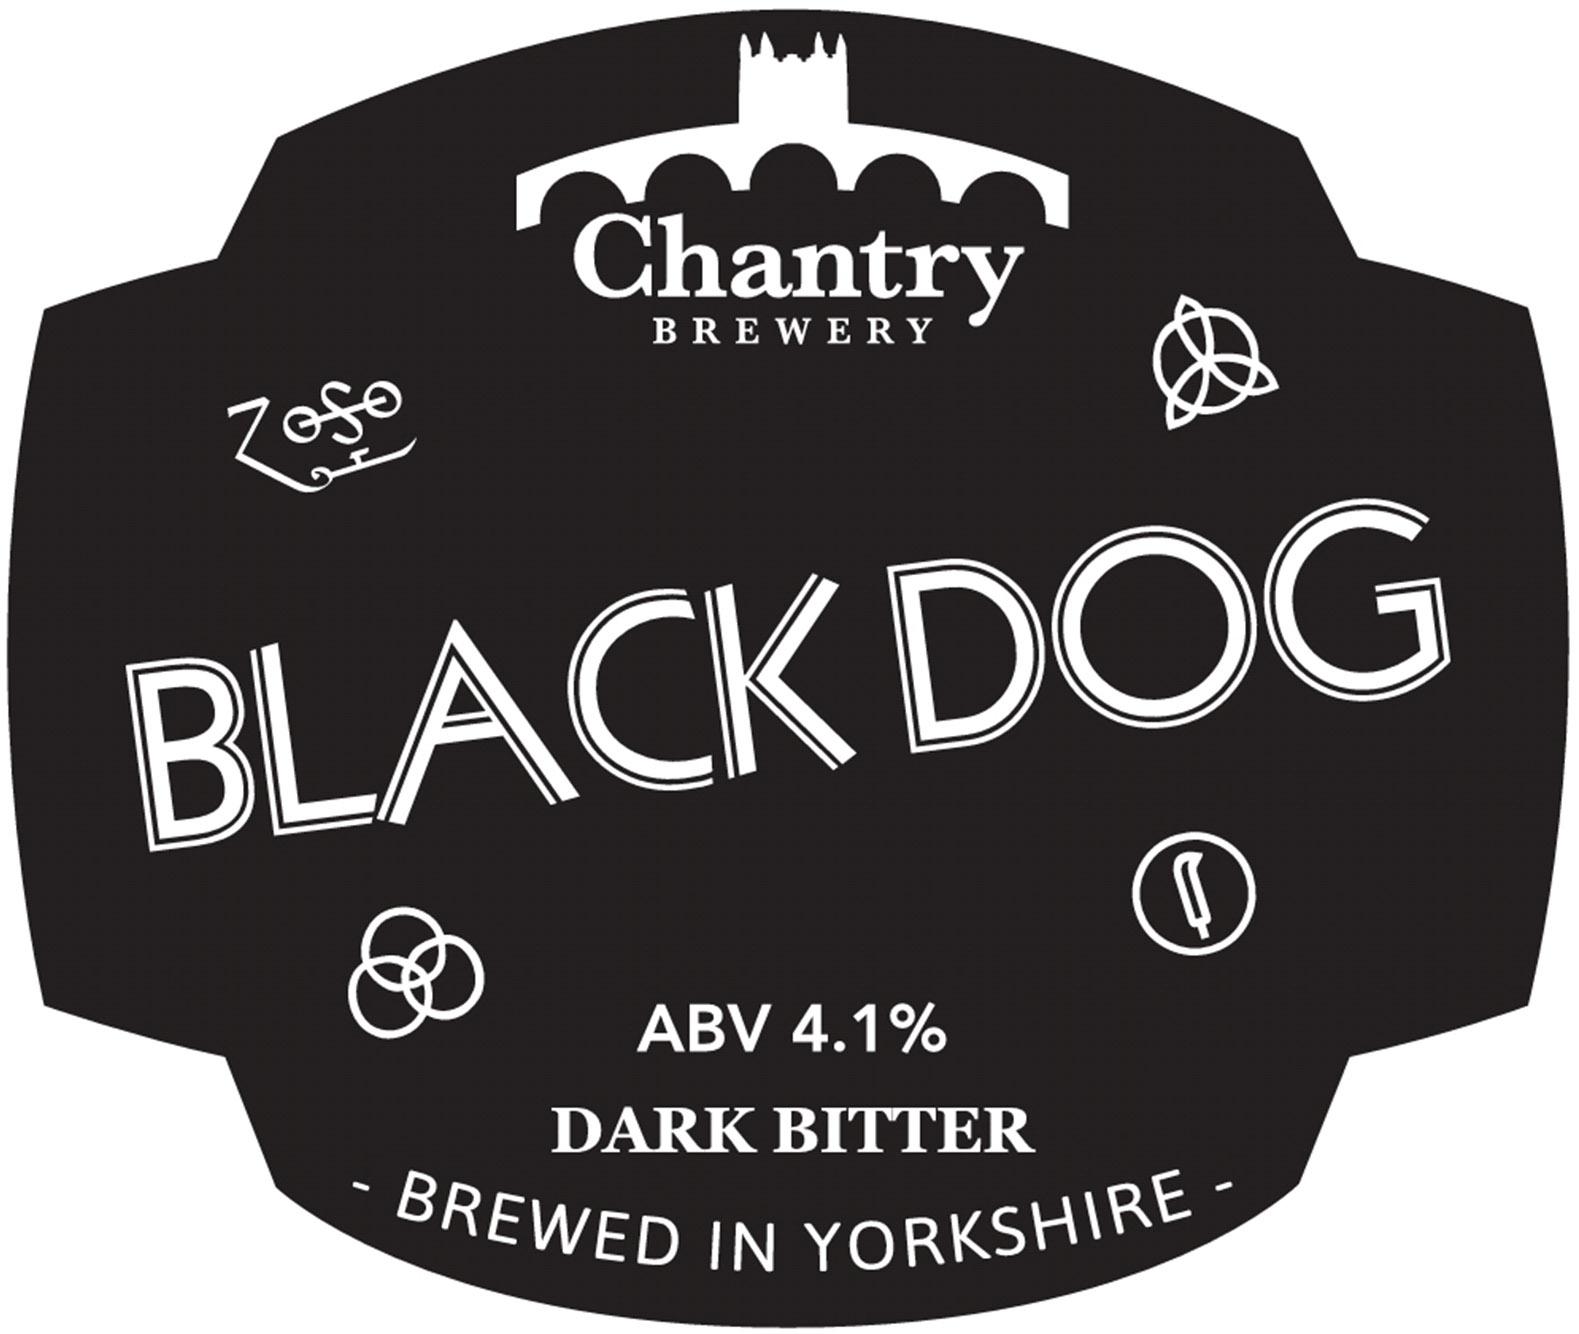 Chantry Brewery Black Dog